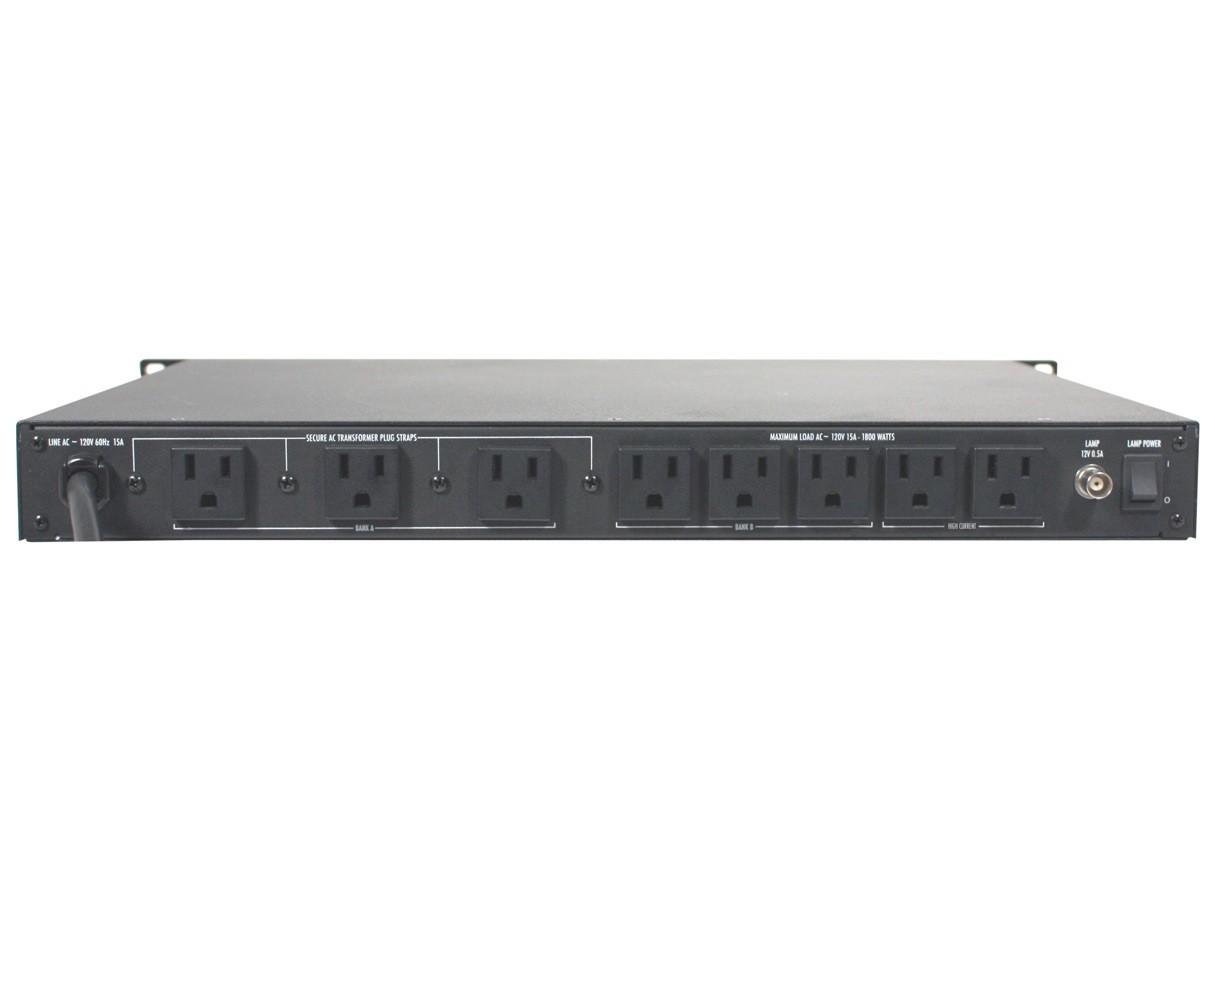 P-1800 PF R POWER CONDITIONER / SURGE SUPPRESSOR